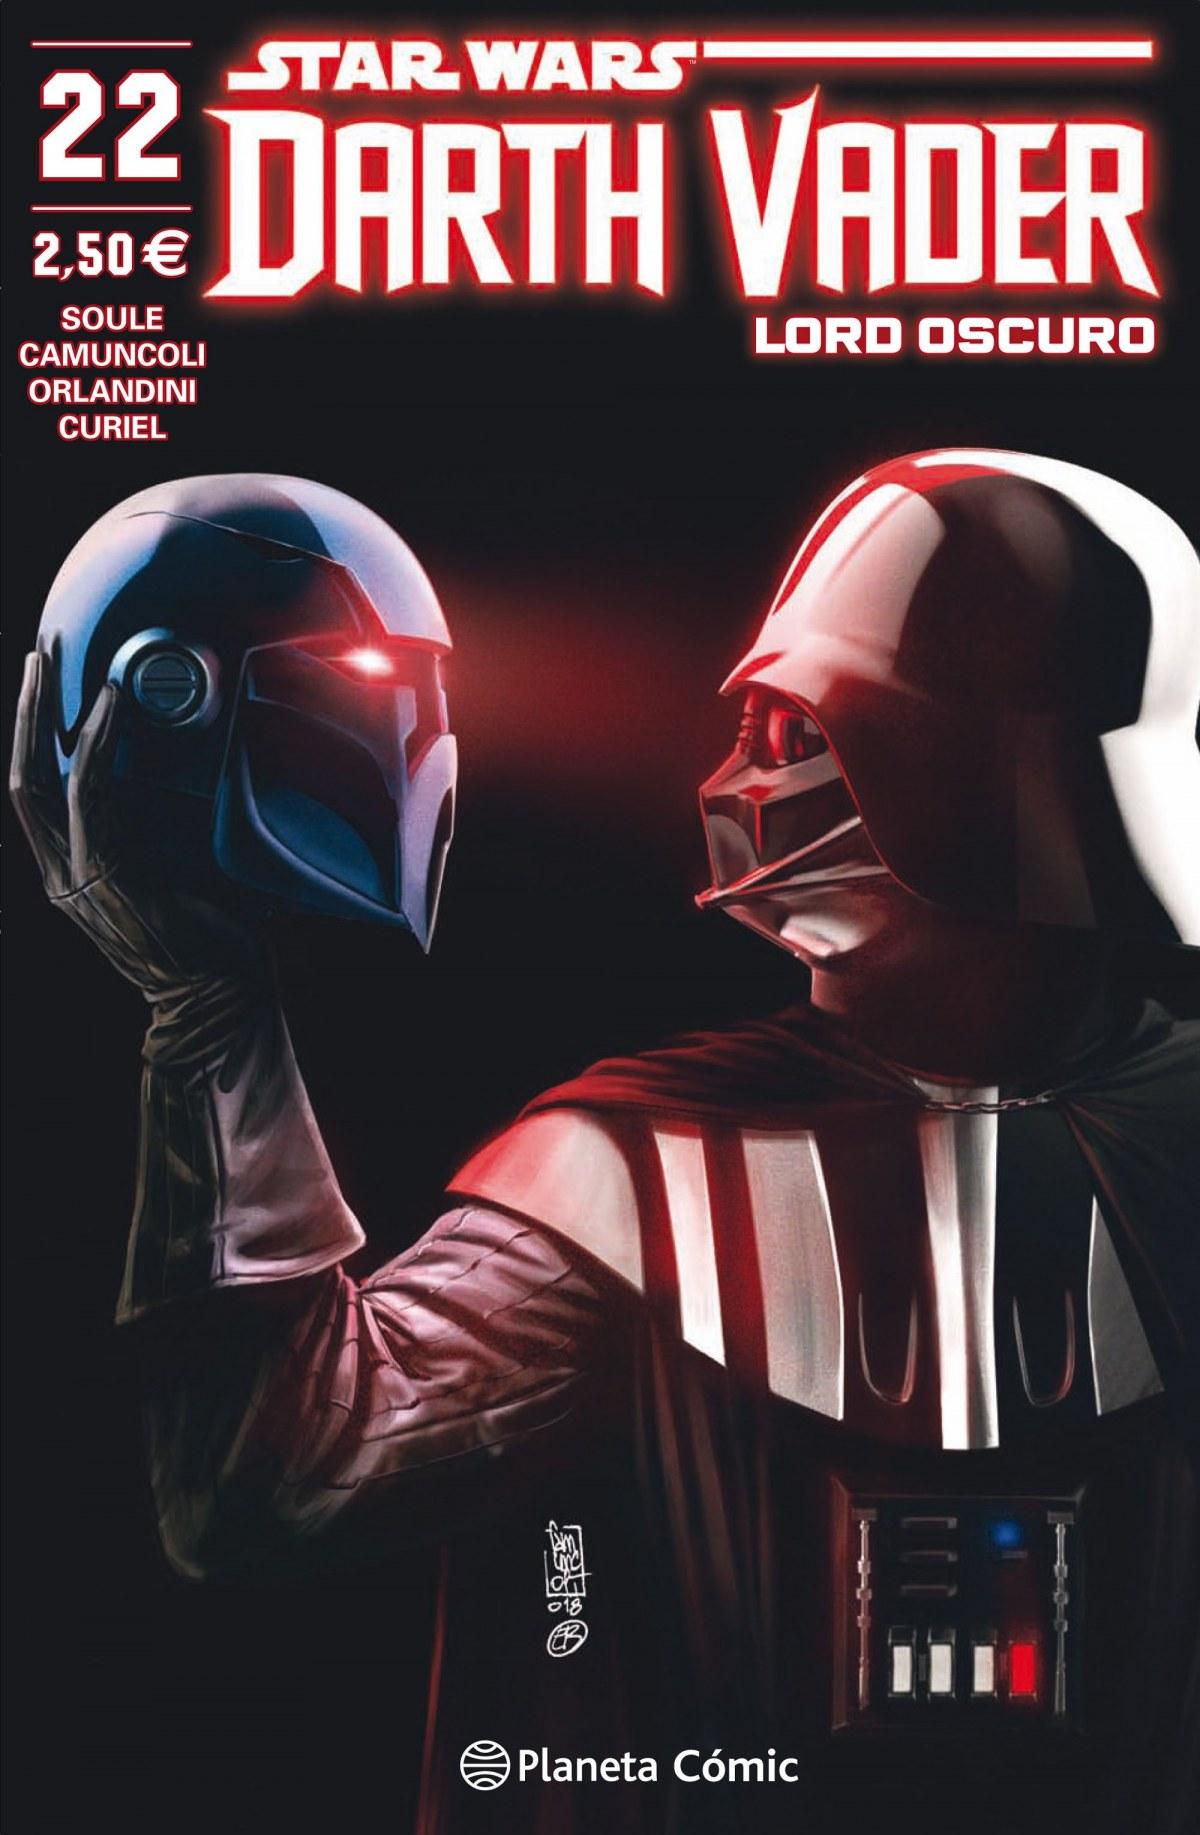 Star Wars Darth Vader Lord Oscuro nº 22/25